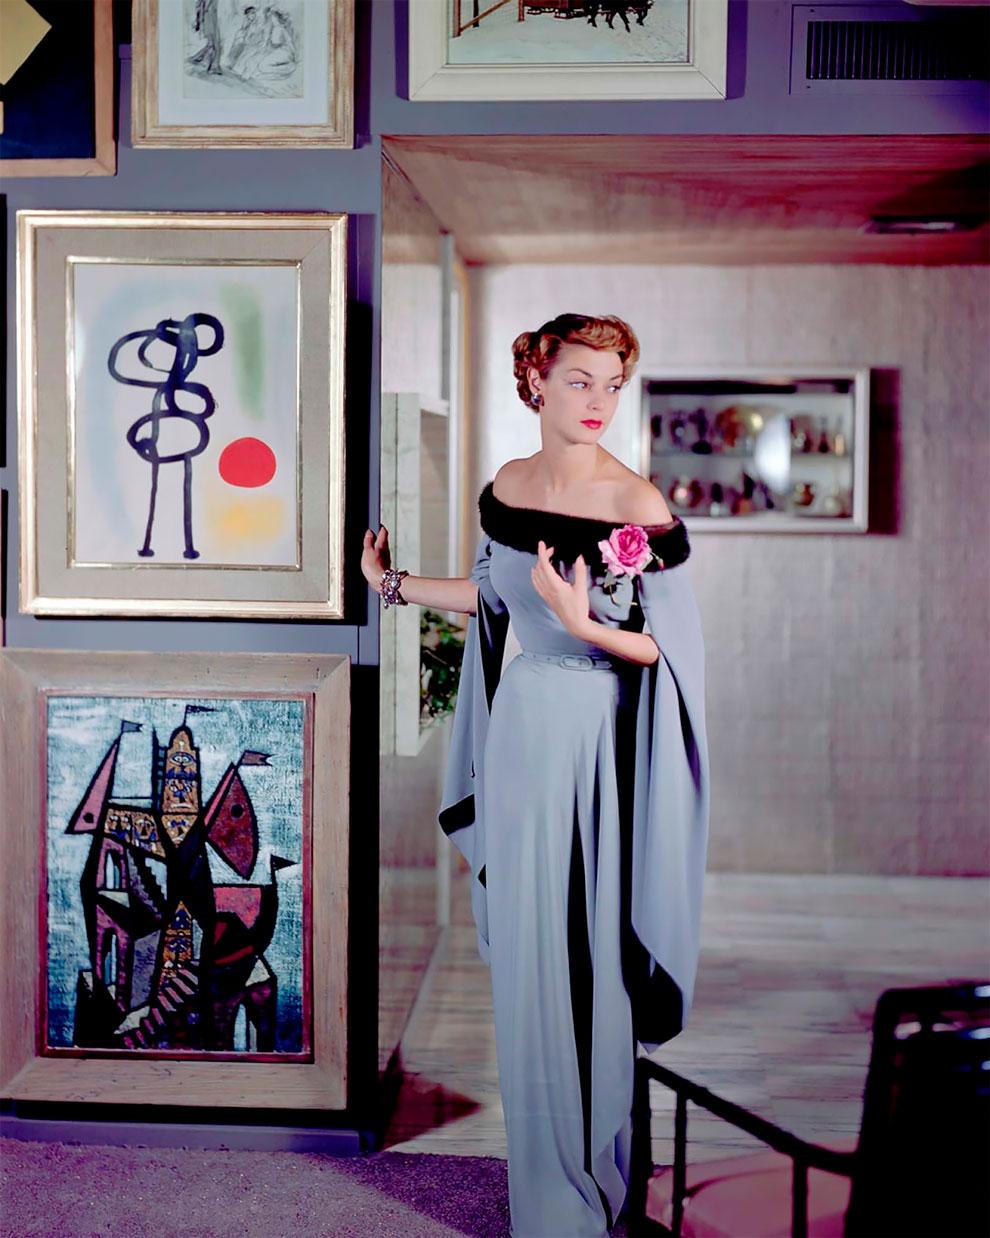 В потрясающих цветах фото Женевьевы Нейлор, 1945-1959 (19).jpg